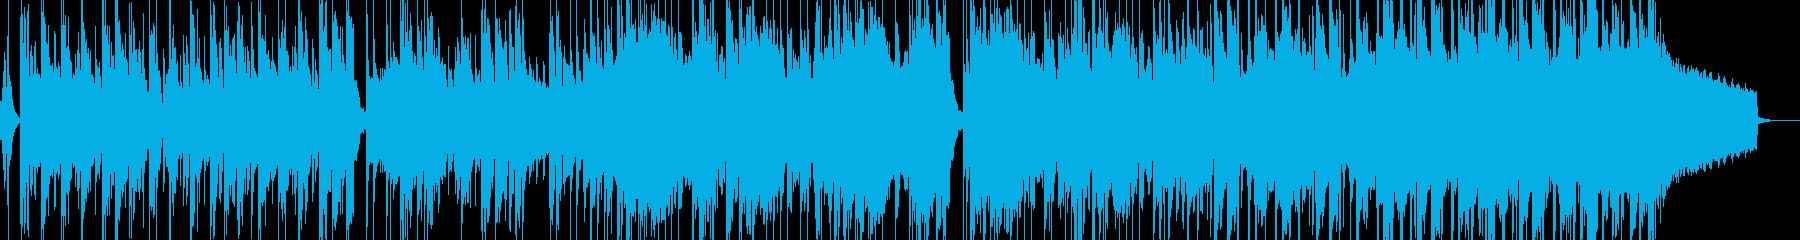 緊迫したゲームバトルシーン等(ロック)1の再生済みの波形